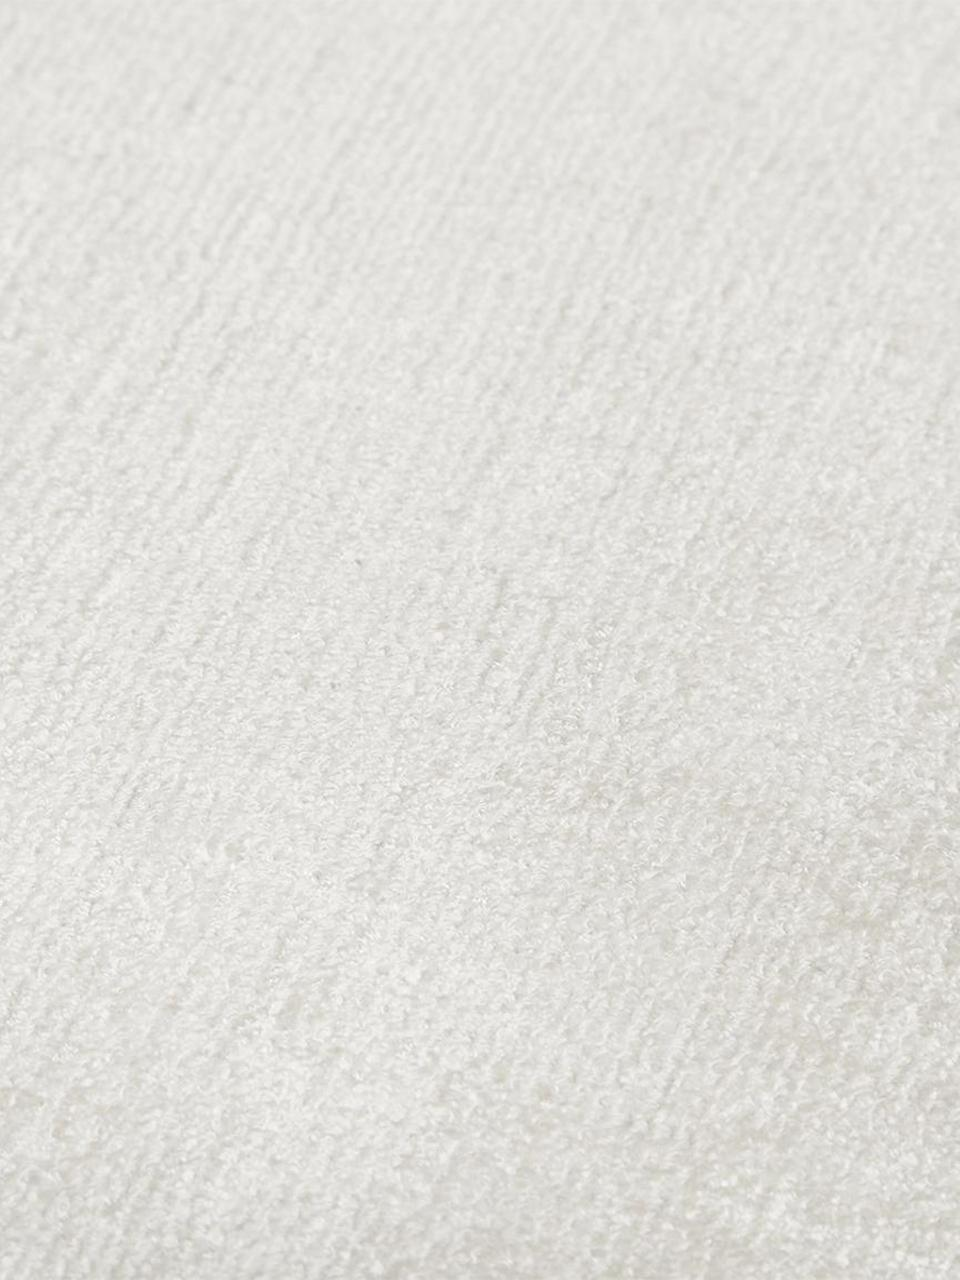 Handgeweven viscose vloerkleed Jane in ivoorkleur, Bovenzijde: 100% viscose, Onderzijde: 100% katoen, Ivoorkleurig, B 90 x L 150 cm (maat XS)